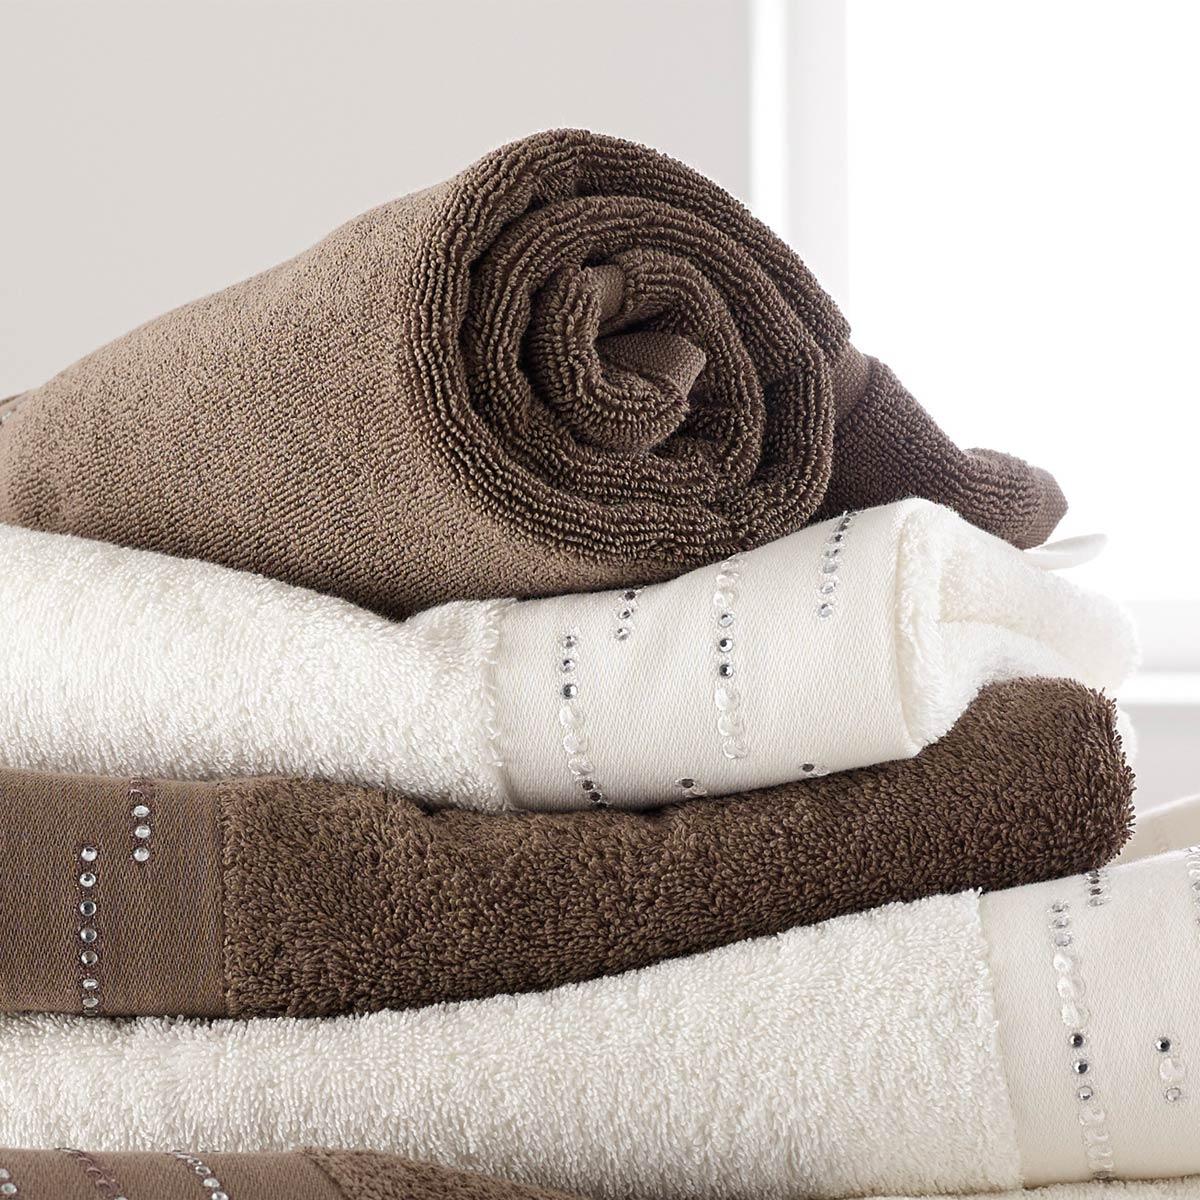 ensemble de bain lido tradition des vosges. Black Bedroom Furniture Sets. Home Design Ideas